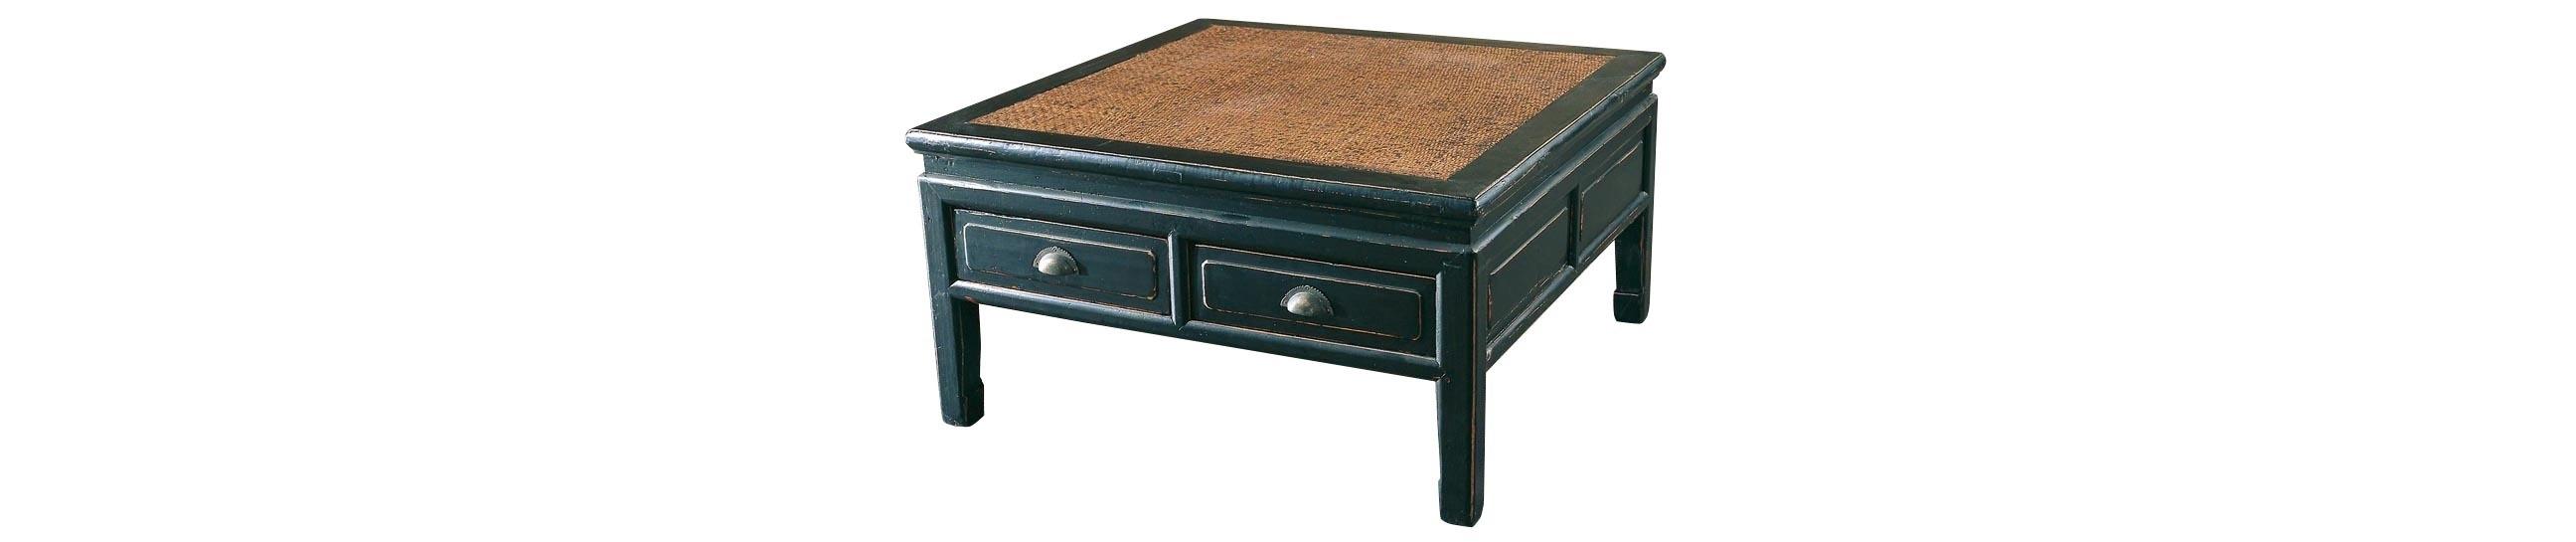 Кан-джо традиционный столик